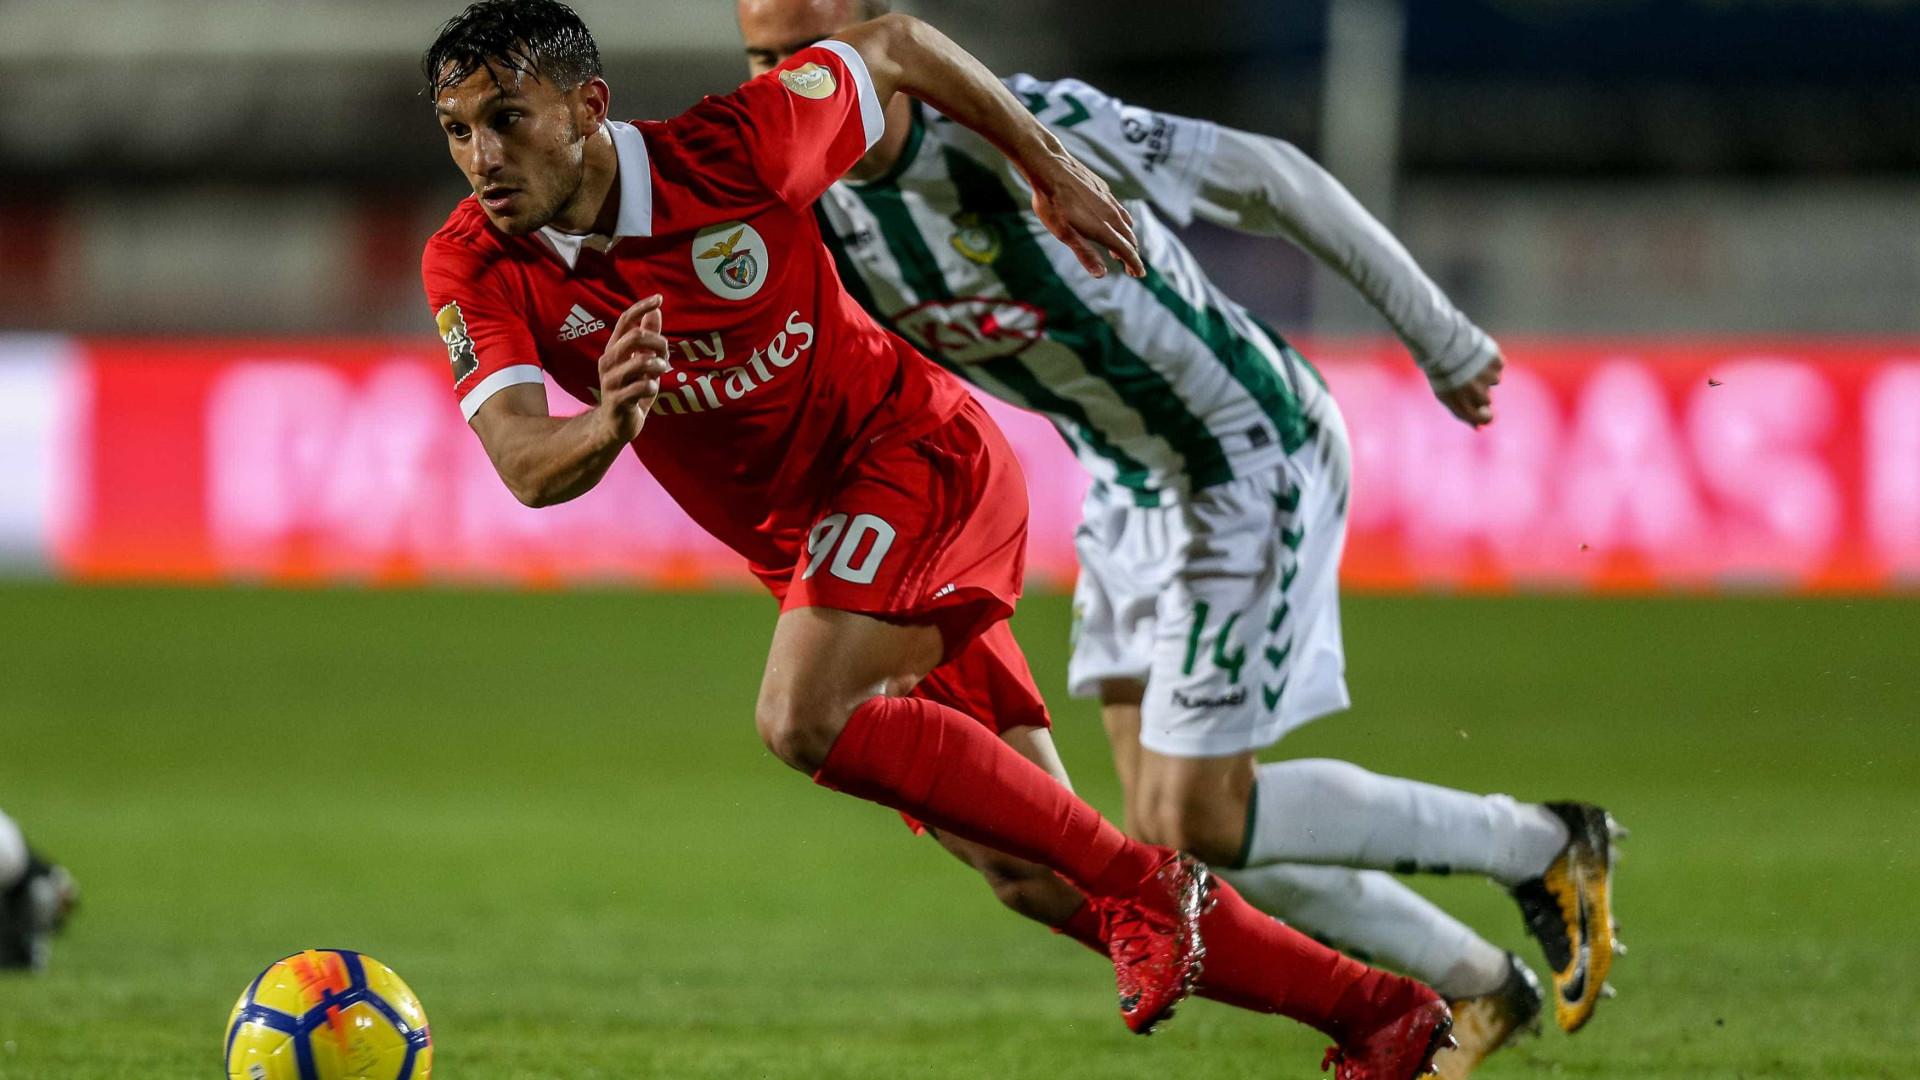 Oficial: Benfica vende João Carvalho por 15 milhões de euros